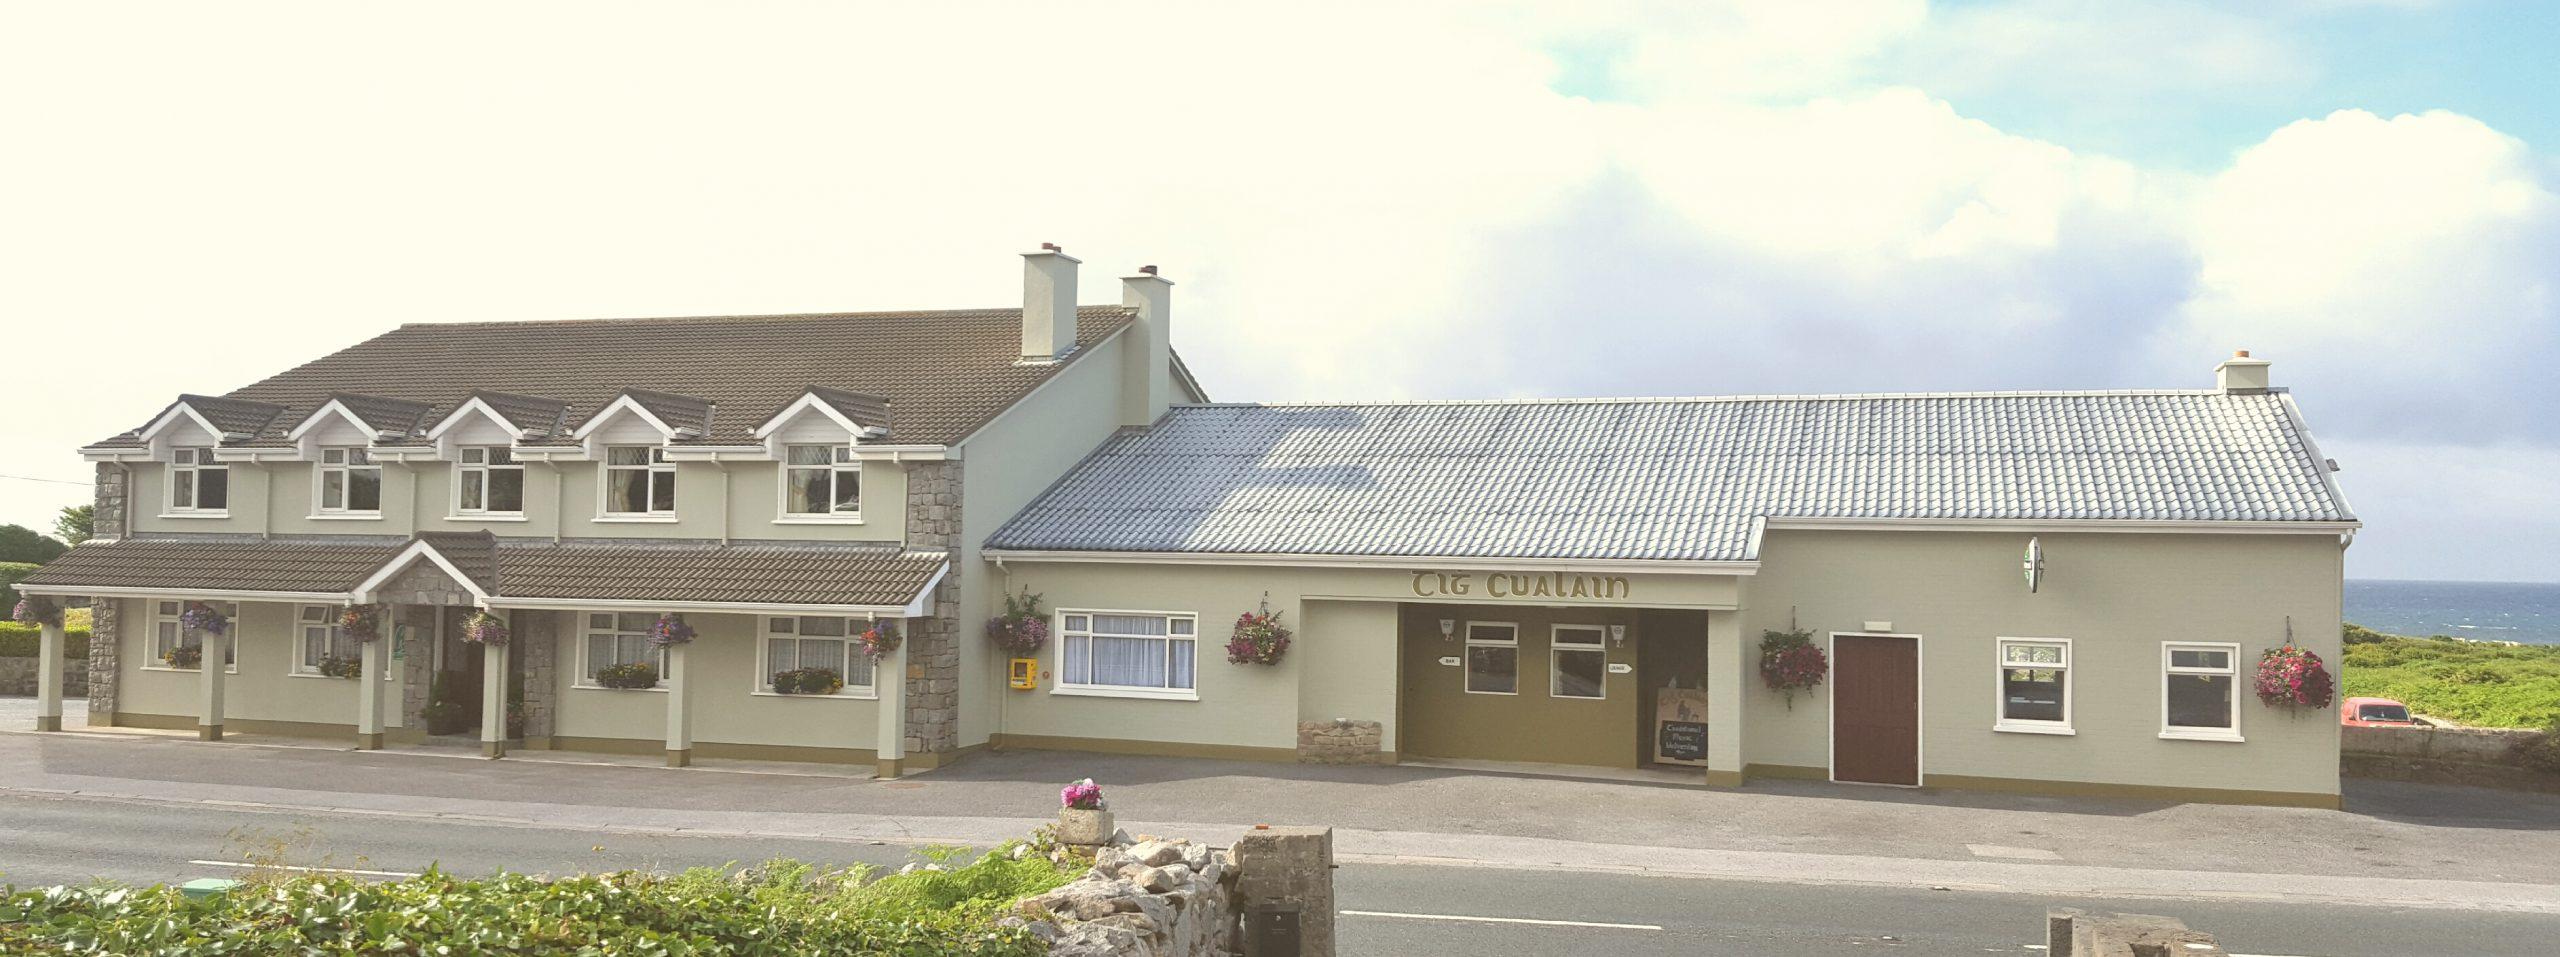 Tigh Chualáin - Bar and Guesthouse - 091 553609 - tichualain@gmail.com